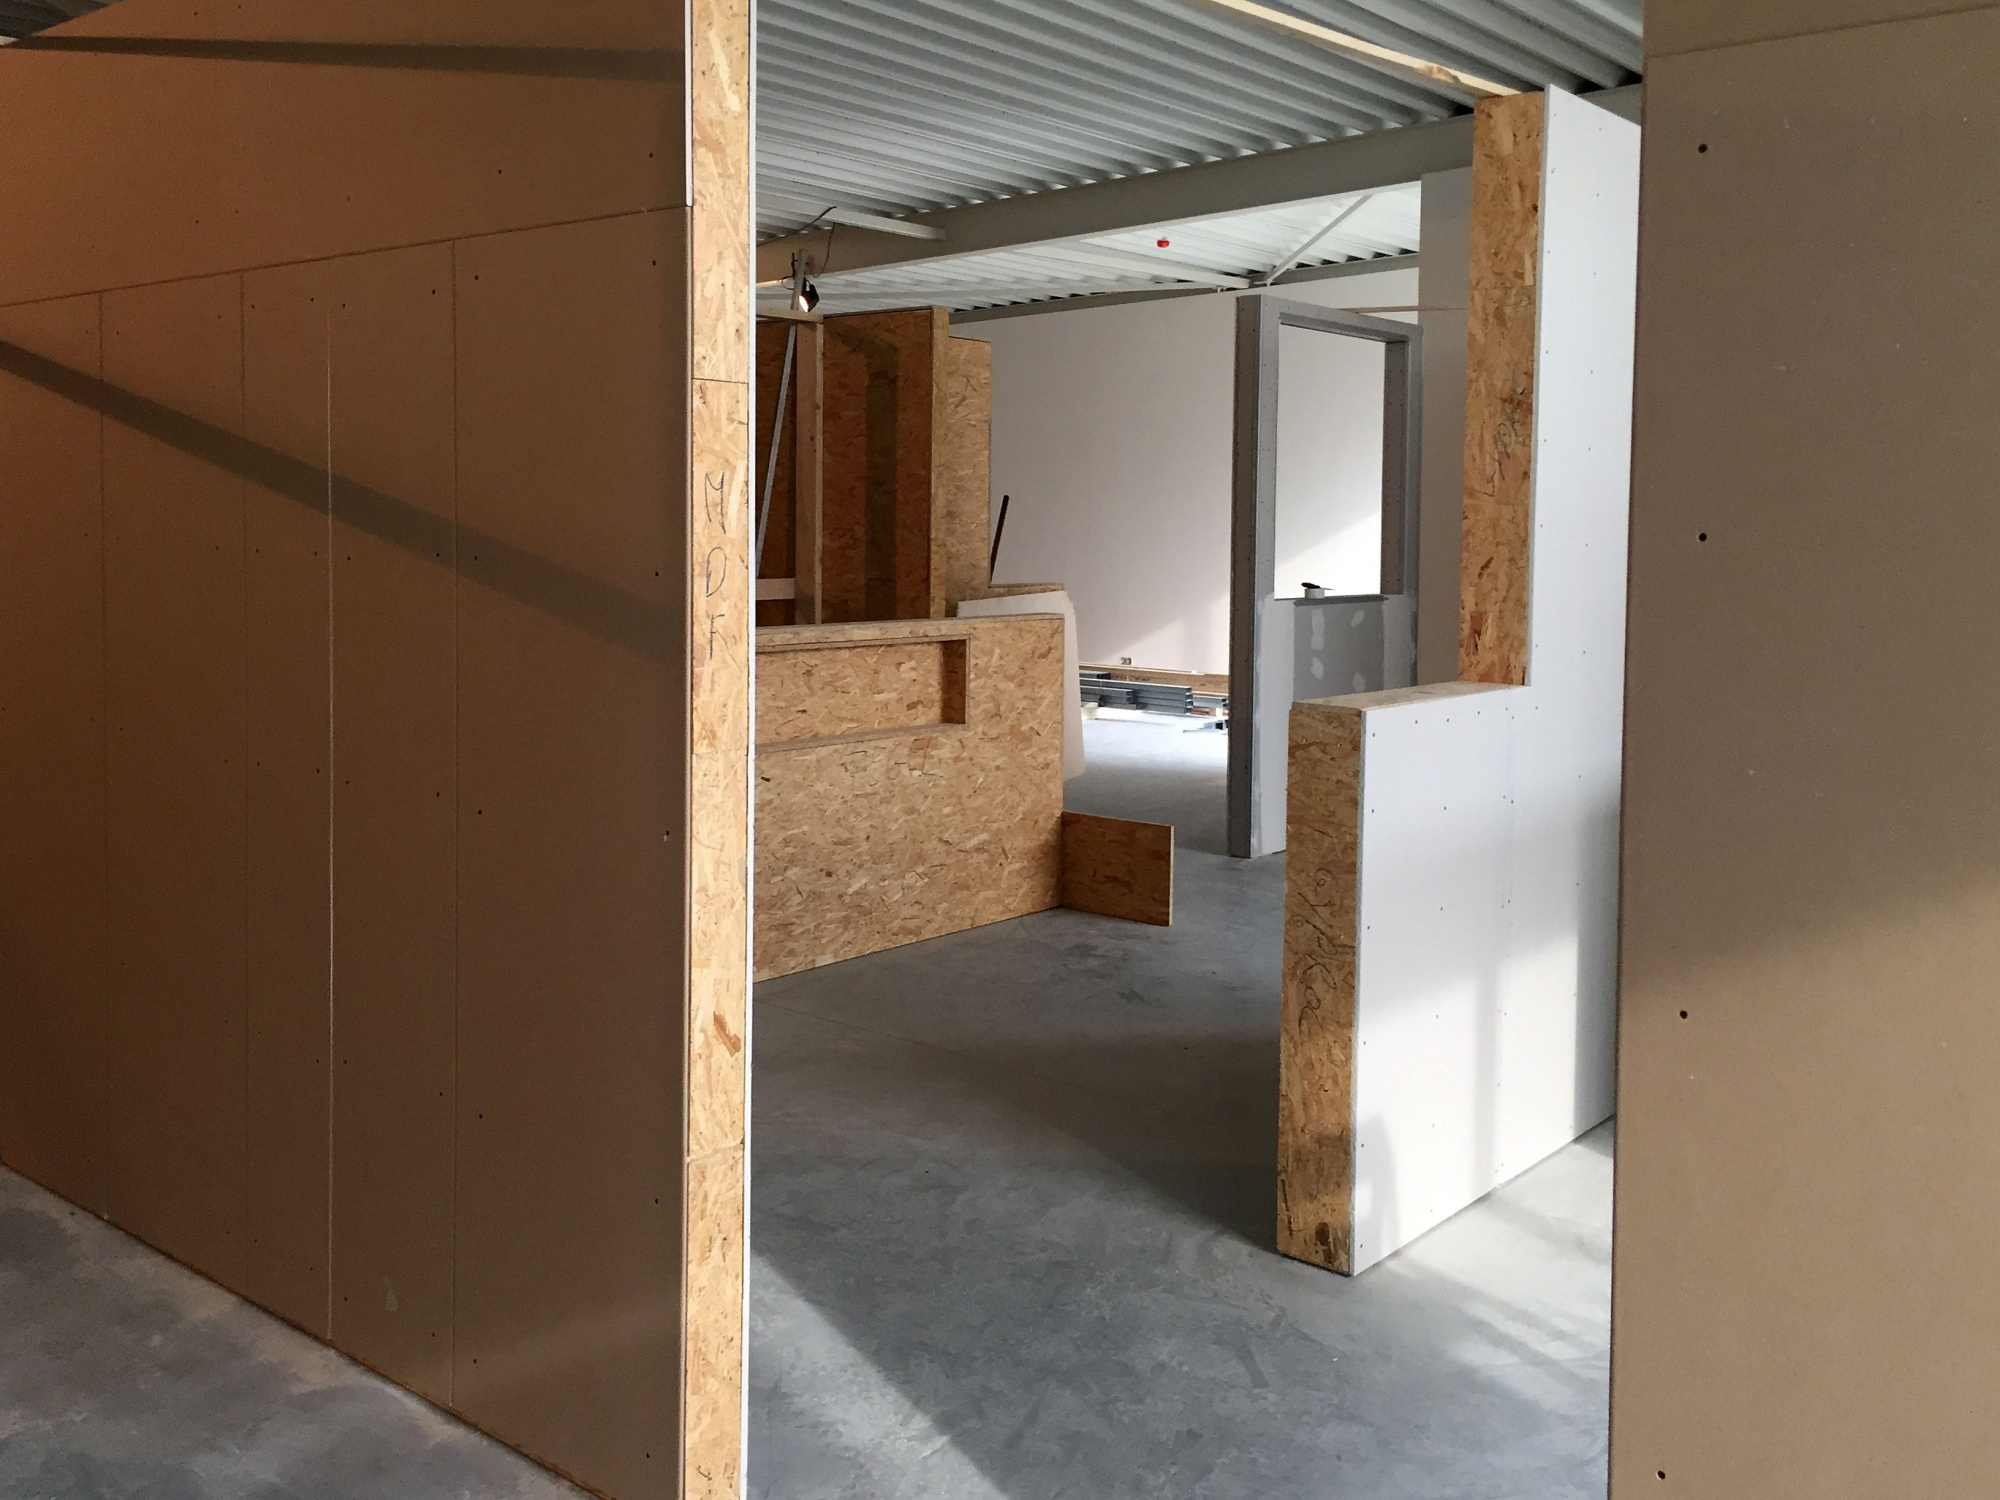 Badkamer Showroom Wijchen : Verwarming sanitair badkamers installatiebedrijf van den berg